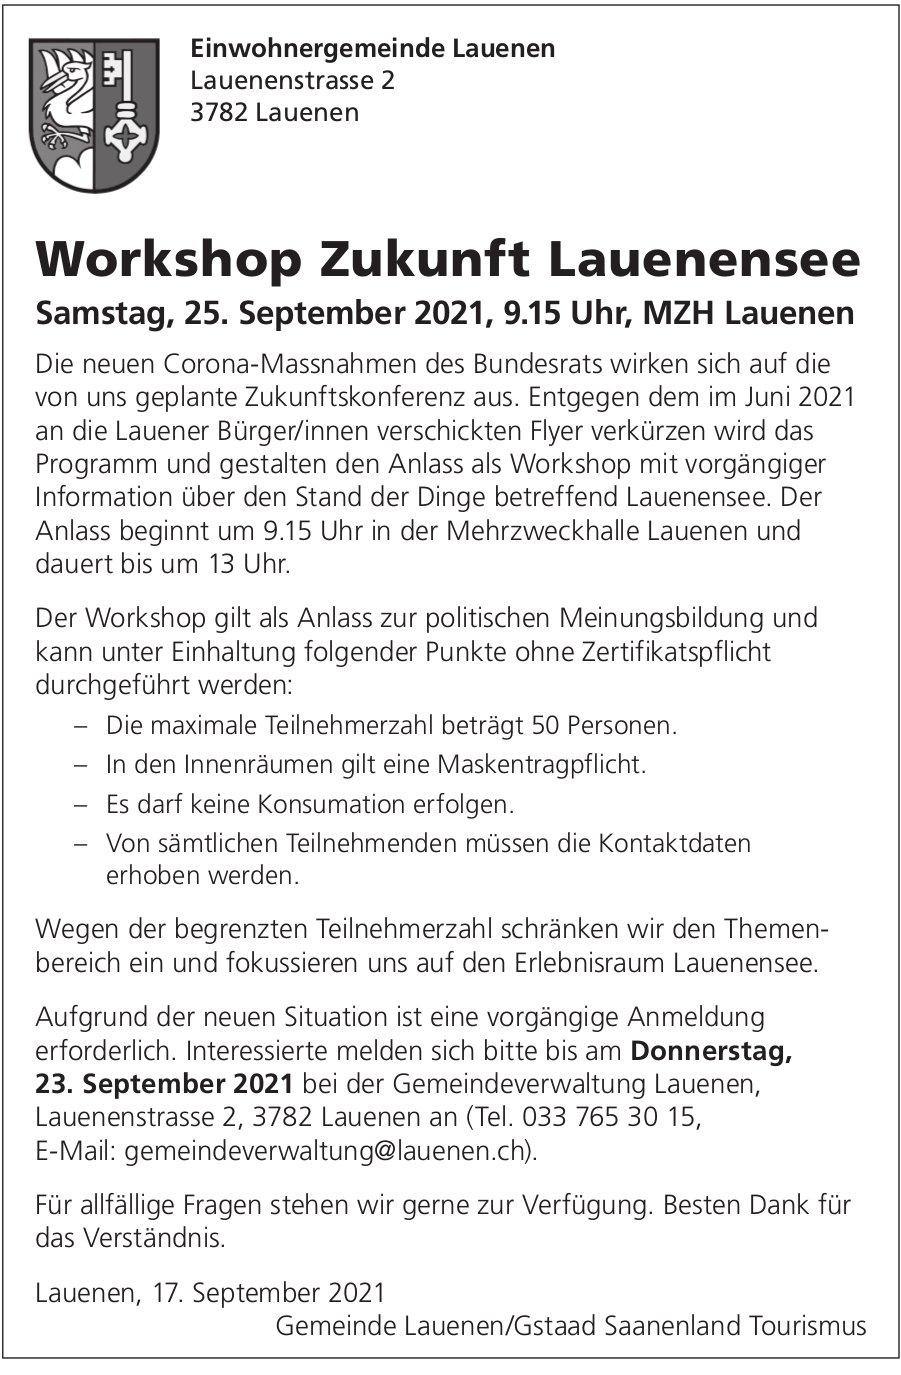 Workshop Zukunft Lauenensee, 25. September, MZH, Lauenen